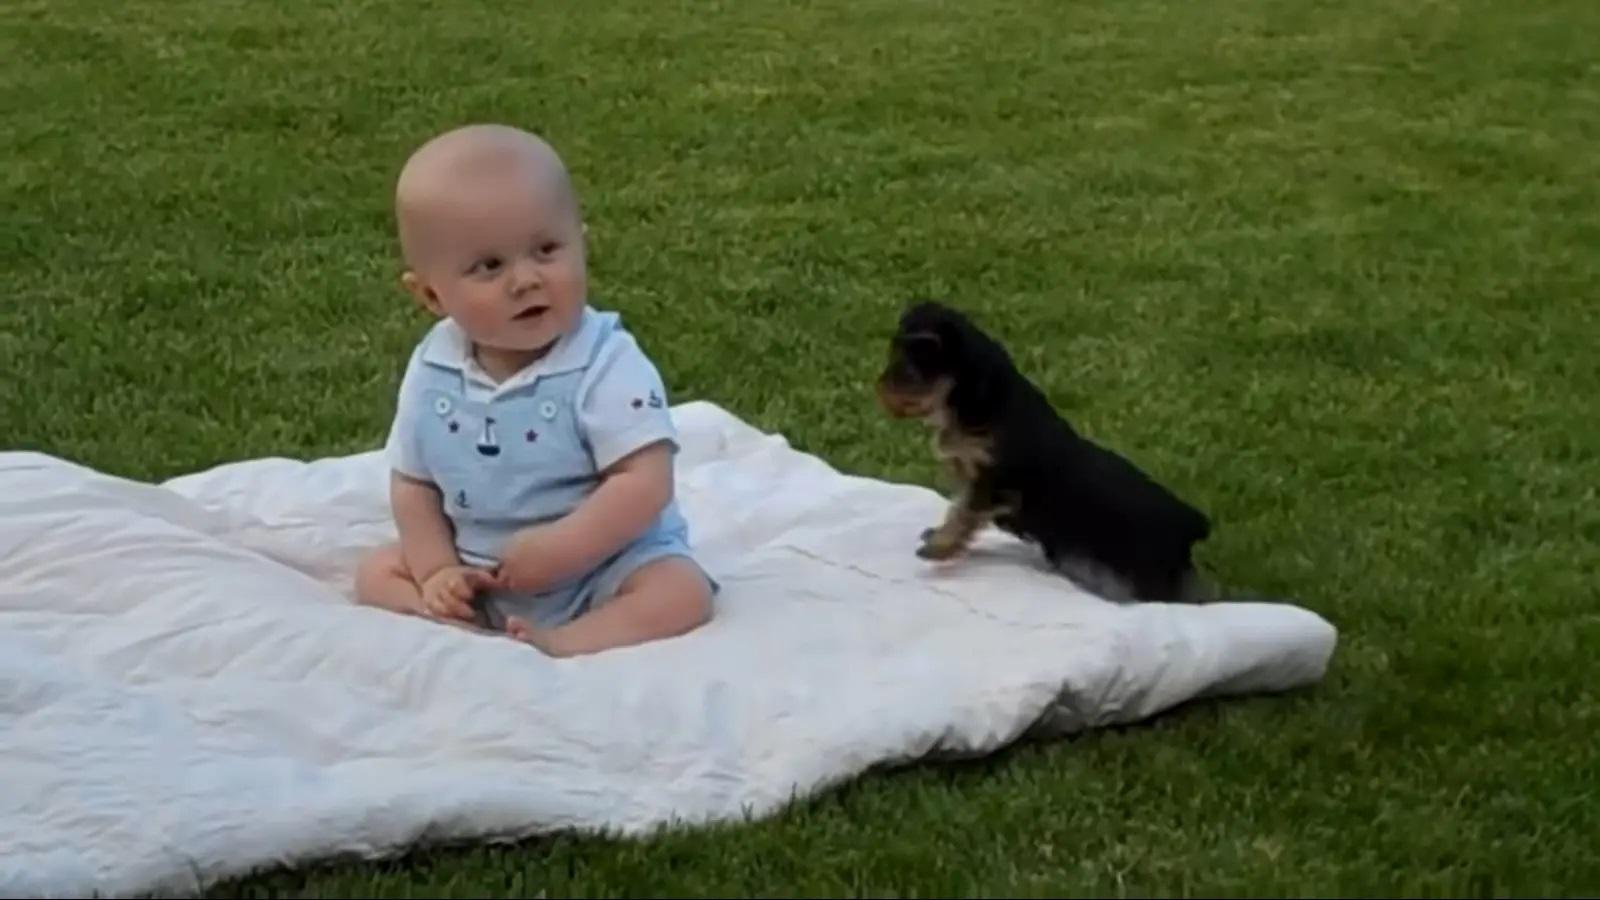 Il cane alle prese con il neonato